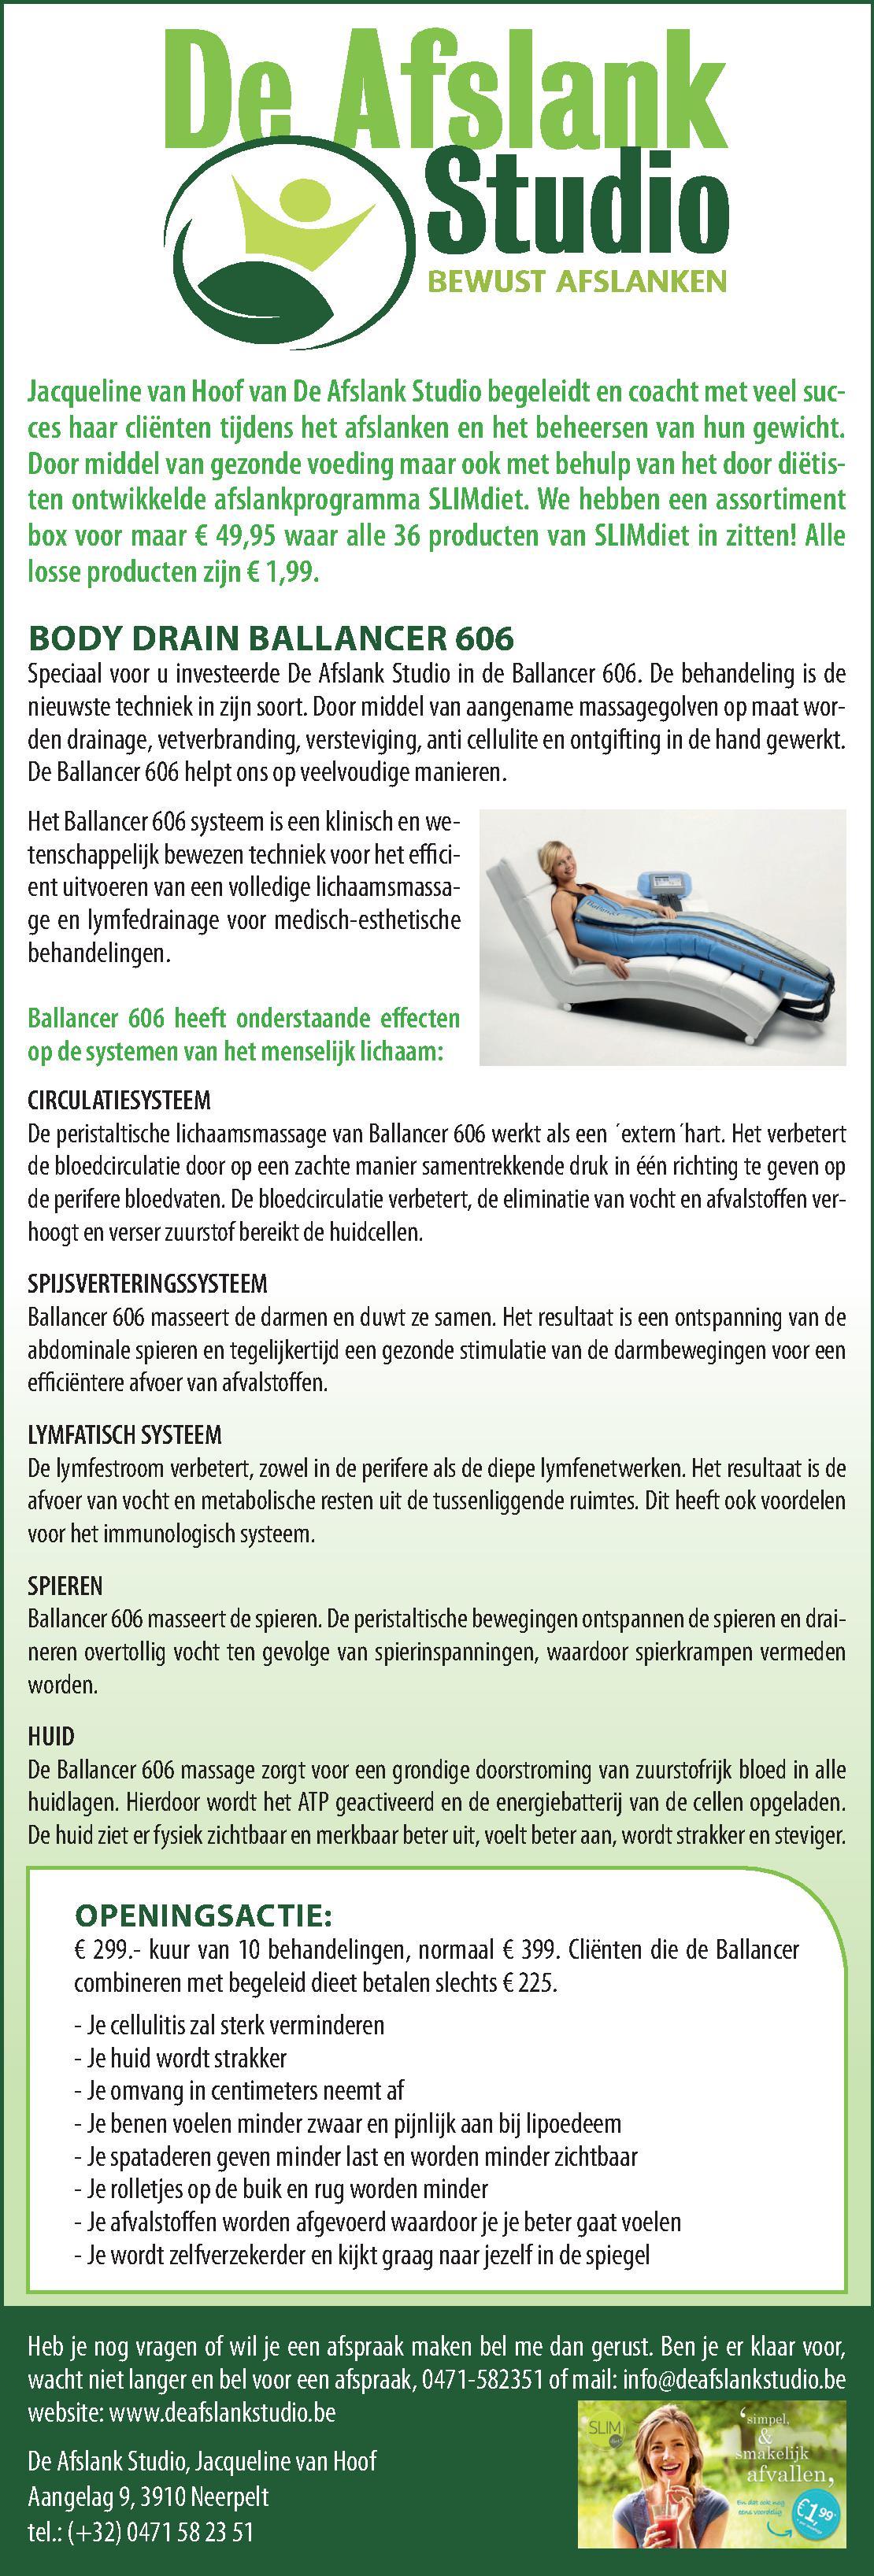 Advertentie De Afslank Studio, bewust afslanken